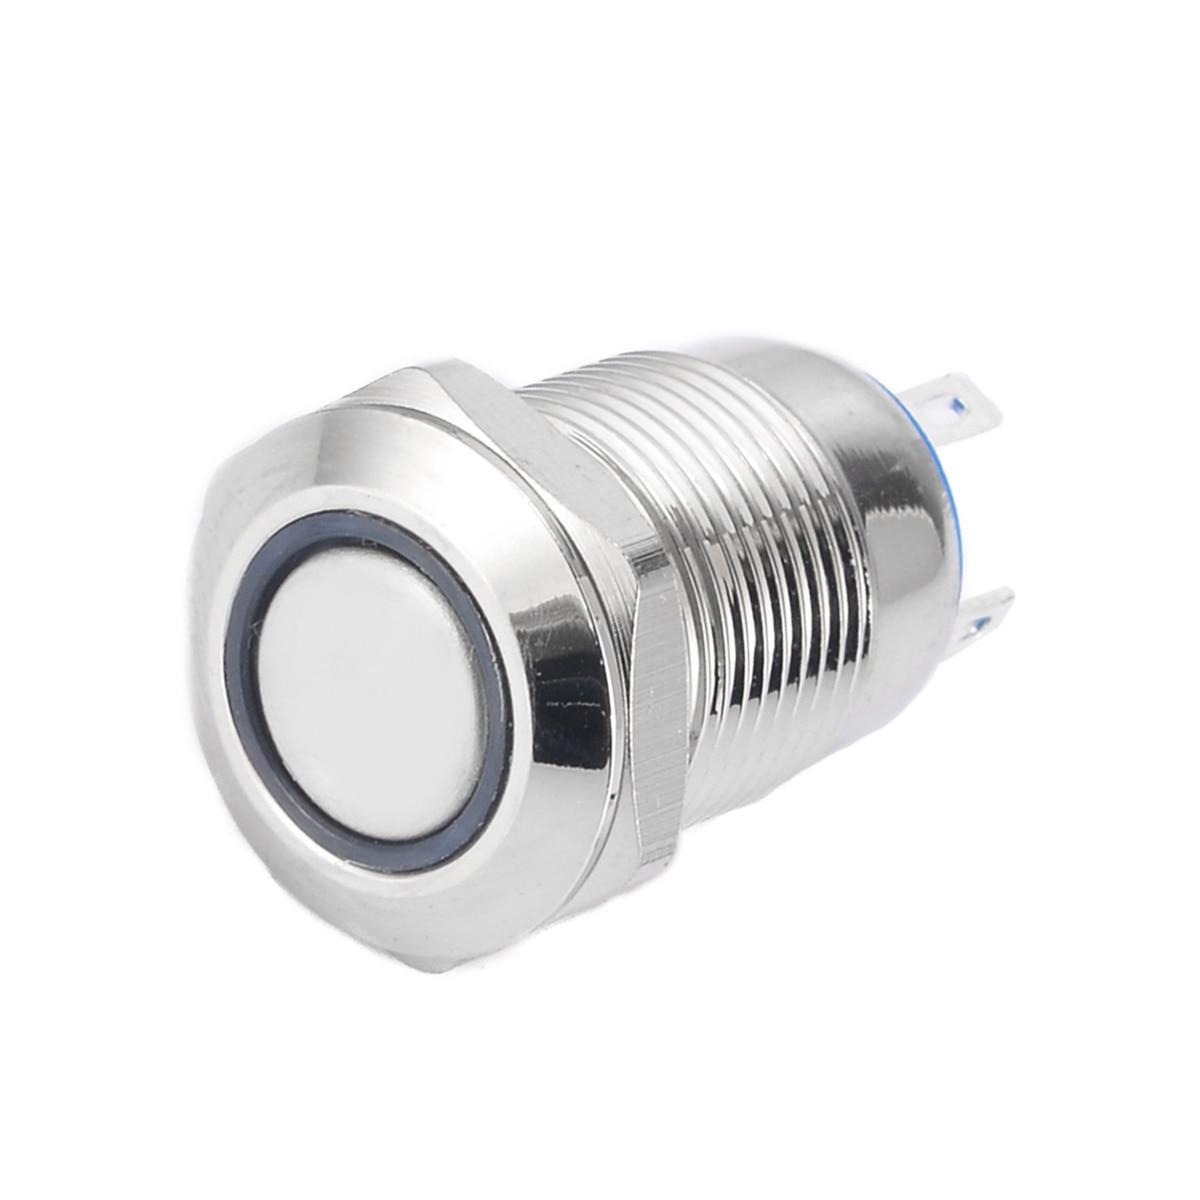 1 Uds. Interruptor de botón de metal de reinicio de 4 pines de cabeza plana plateado 12 LED resistente al agua interruptor momentáneo de botón de luz